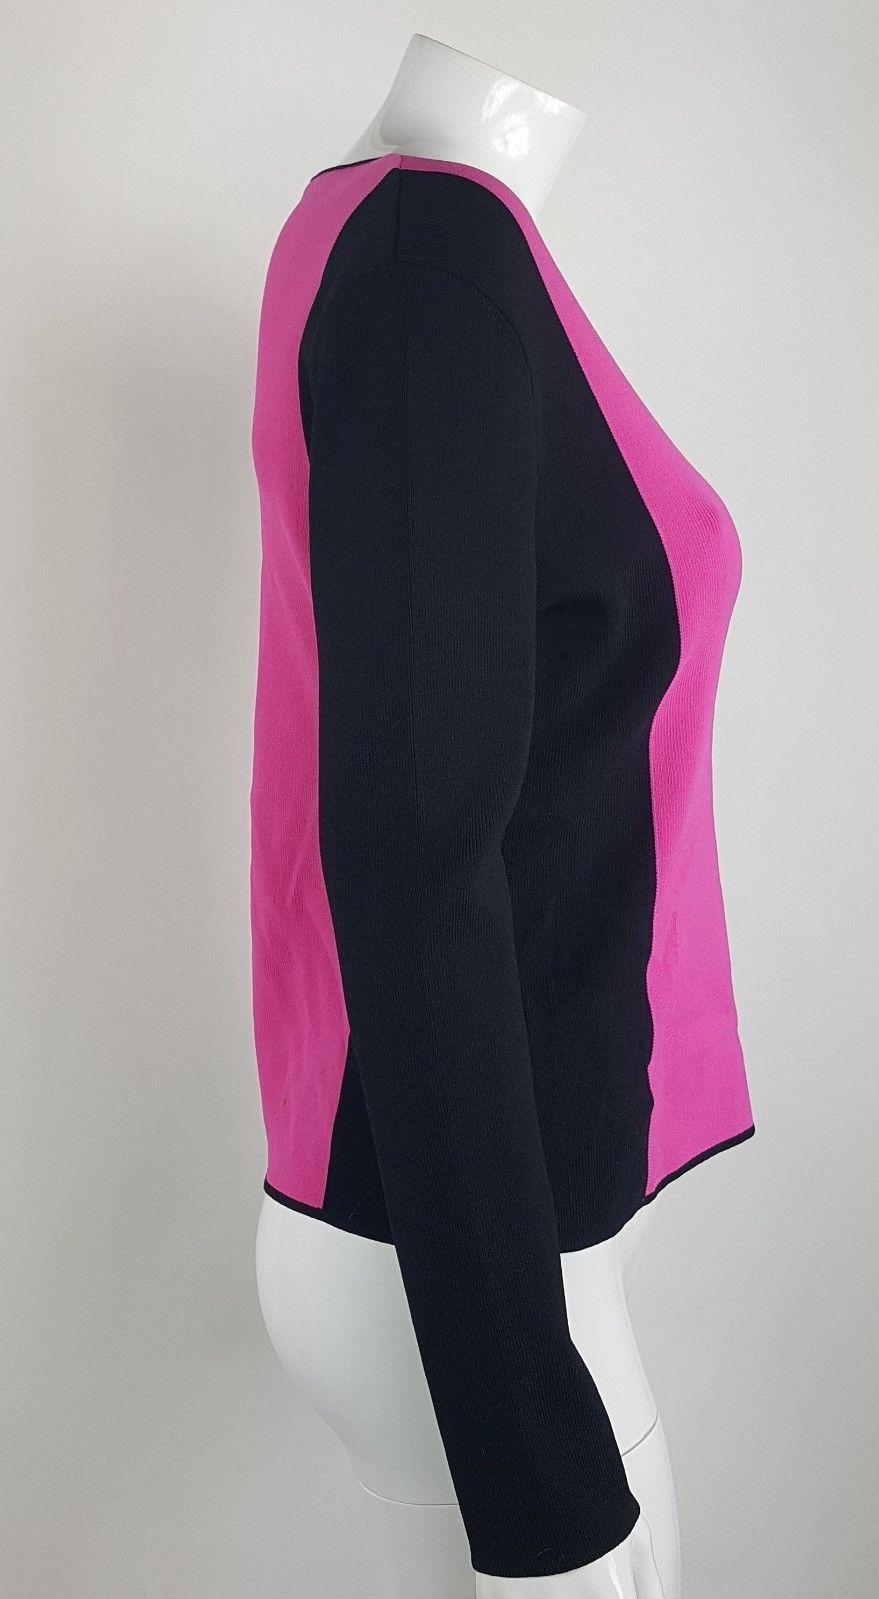 Venini Womens Sz Large Pink Black V-Neck Blouse Rayon Nylon Blend EUC Career